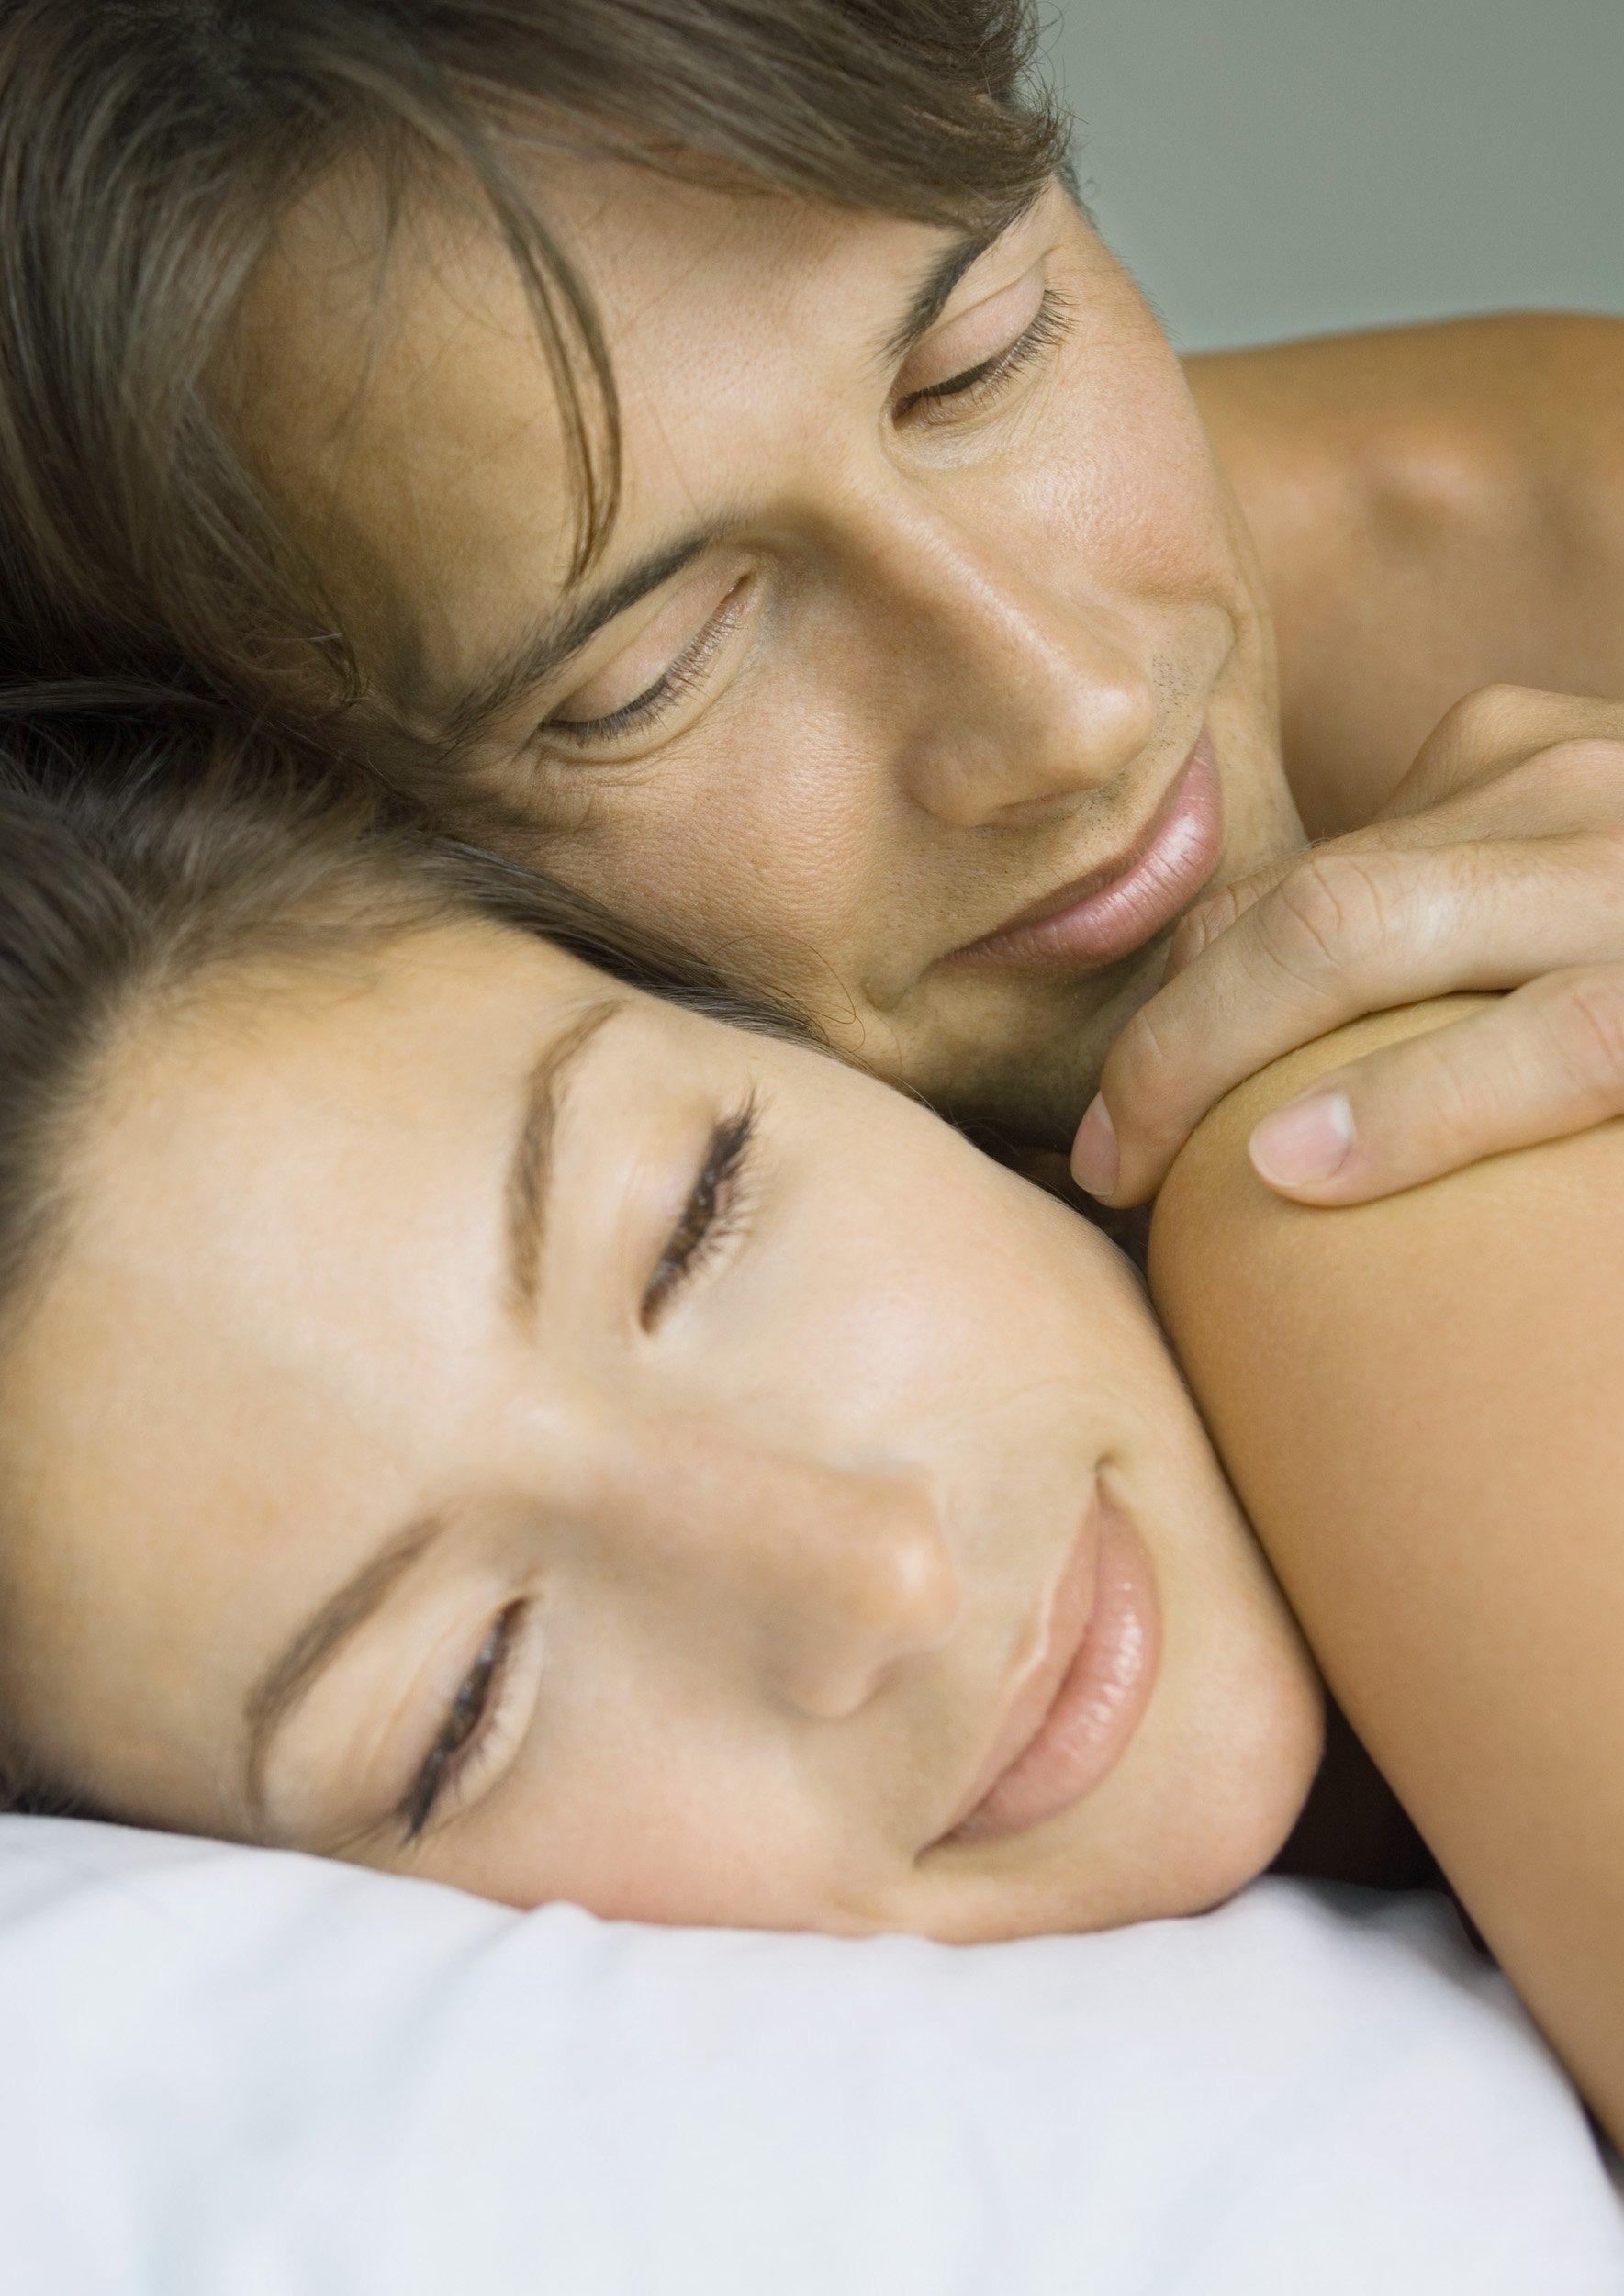 hvordan man vækker seksuel lyst